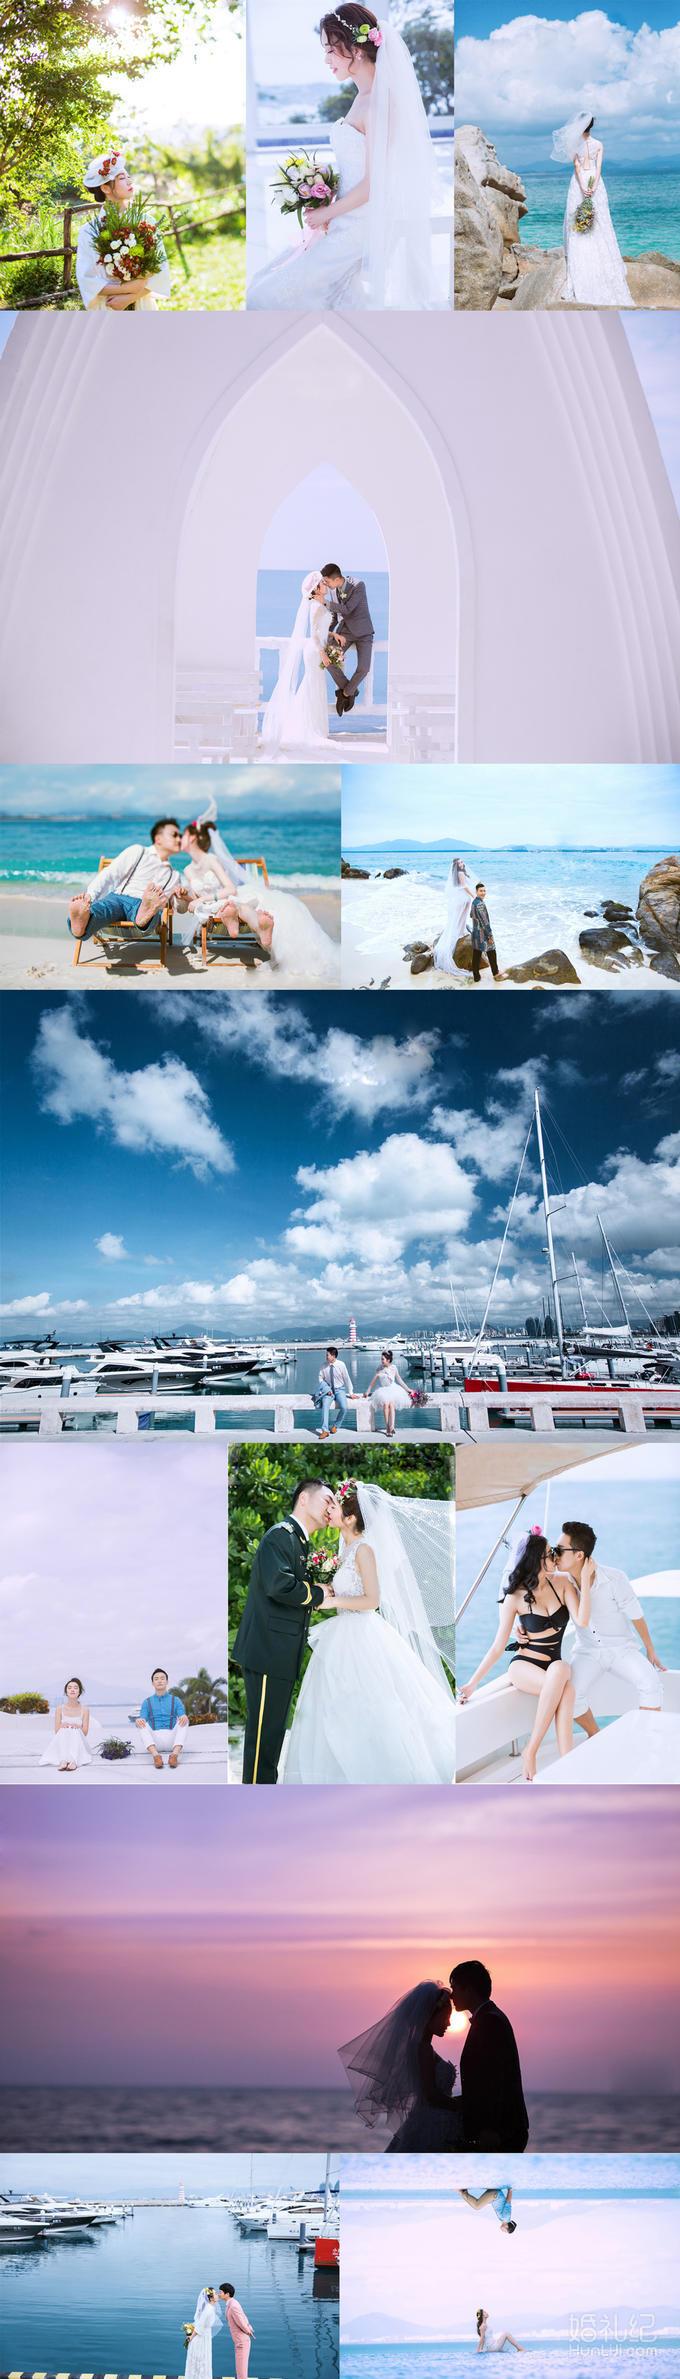 【三亚旅拍】超级特惠8服8造海边婚纱照